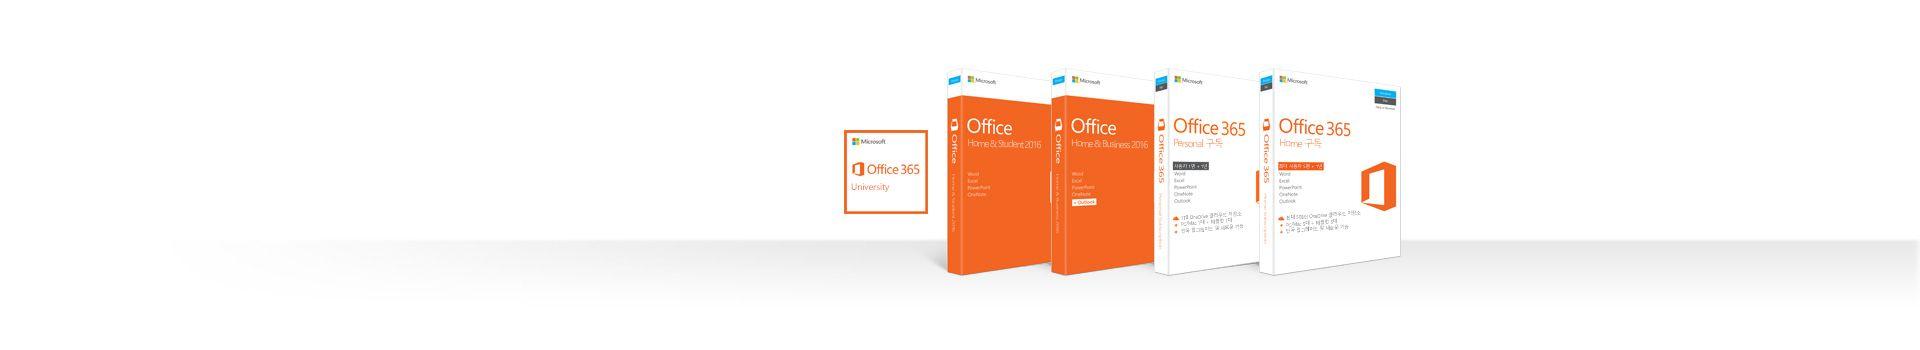 Mac용 Office 2016 및 Office 365 제품 상자가 늘어선 이미지